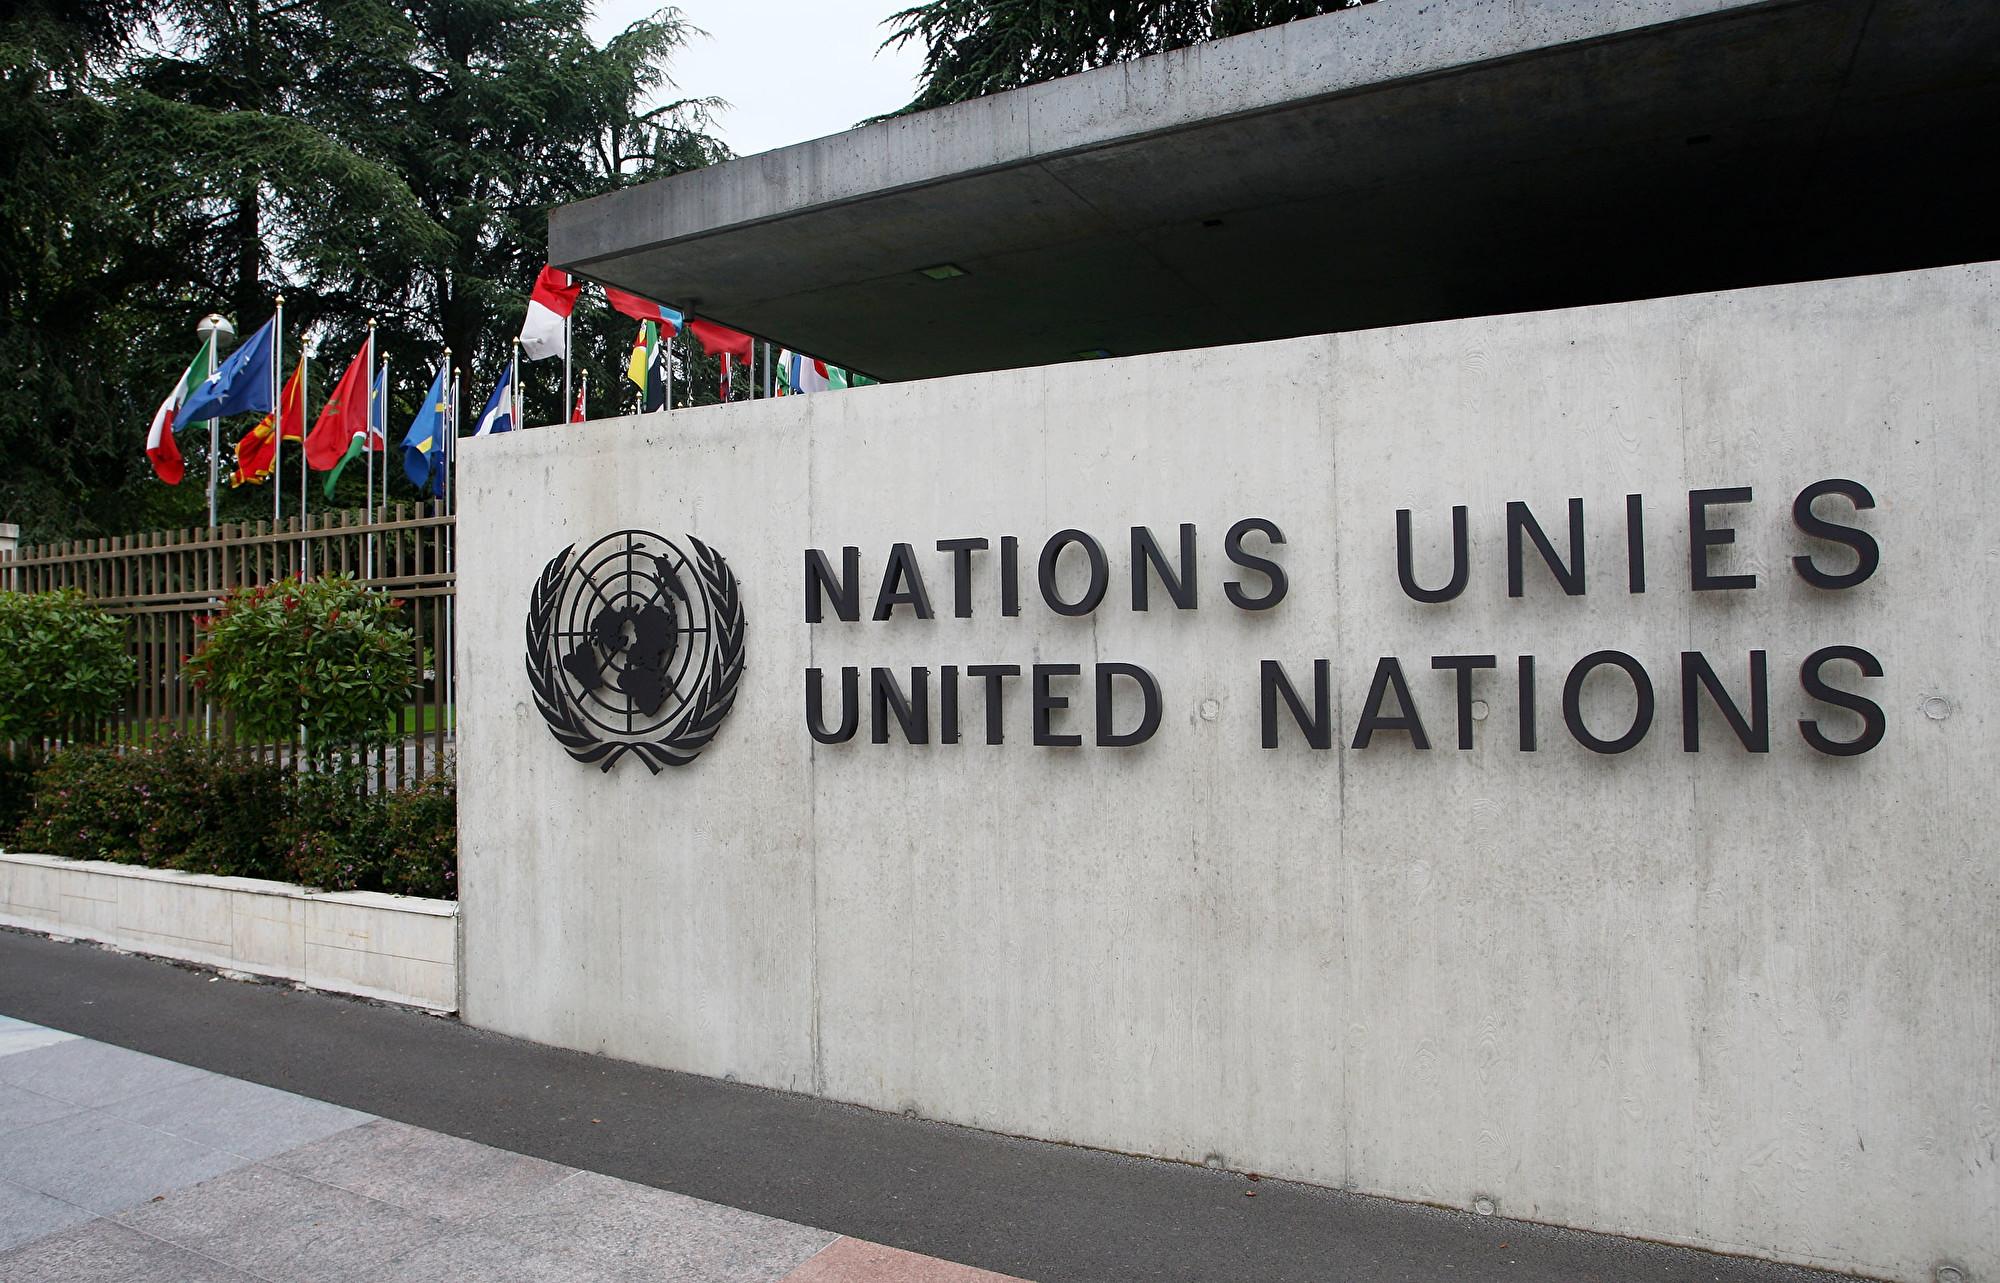 顧國平:對聯合國機構的改革建議